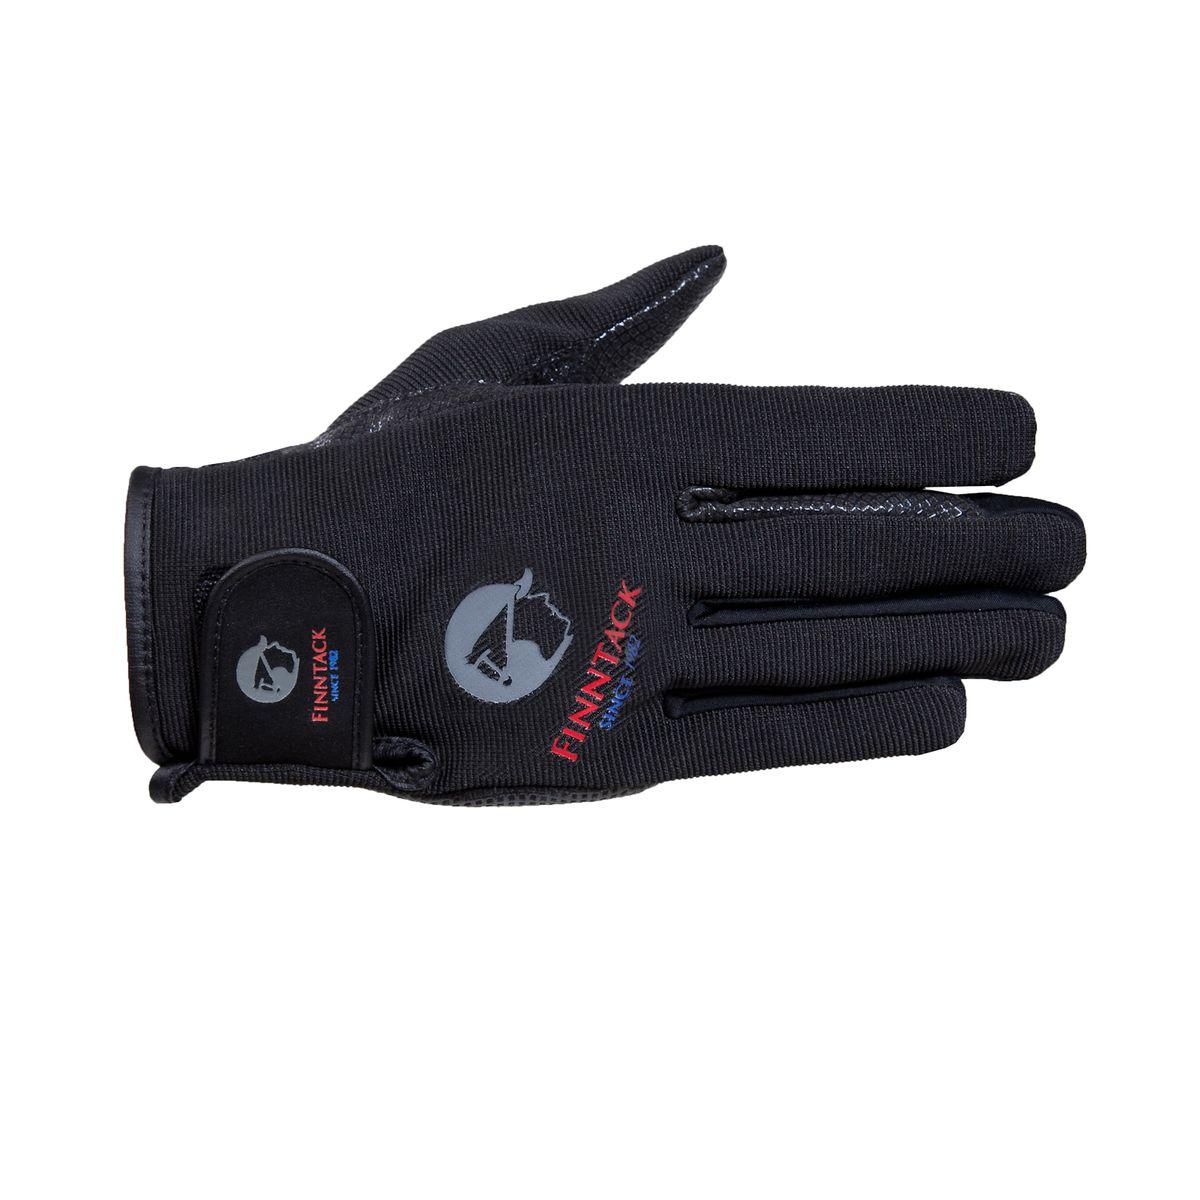 Finn Tack Summer Racing Gloves